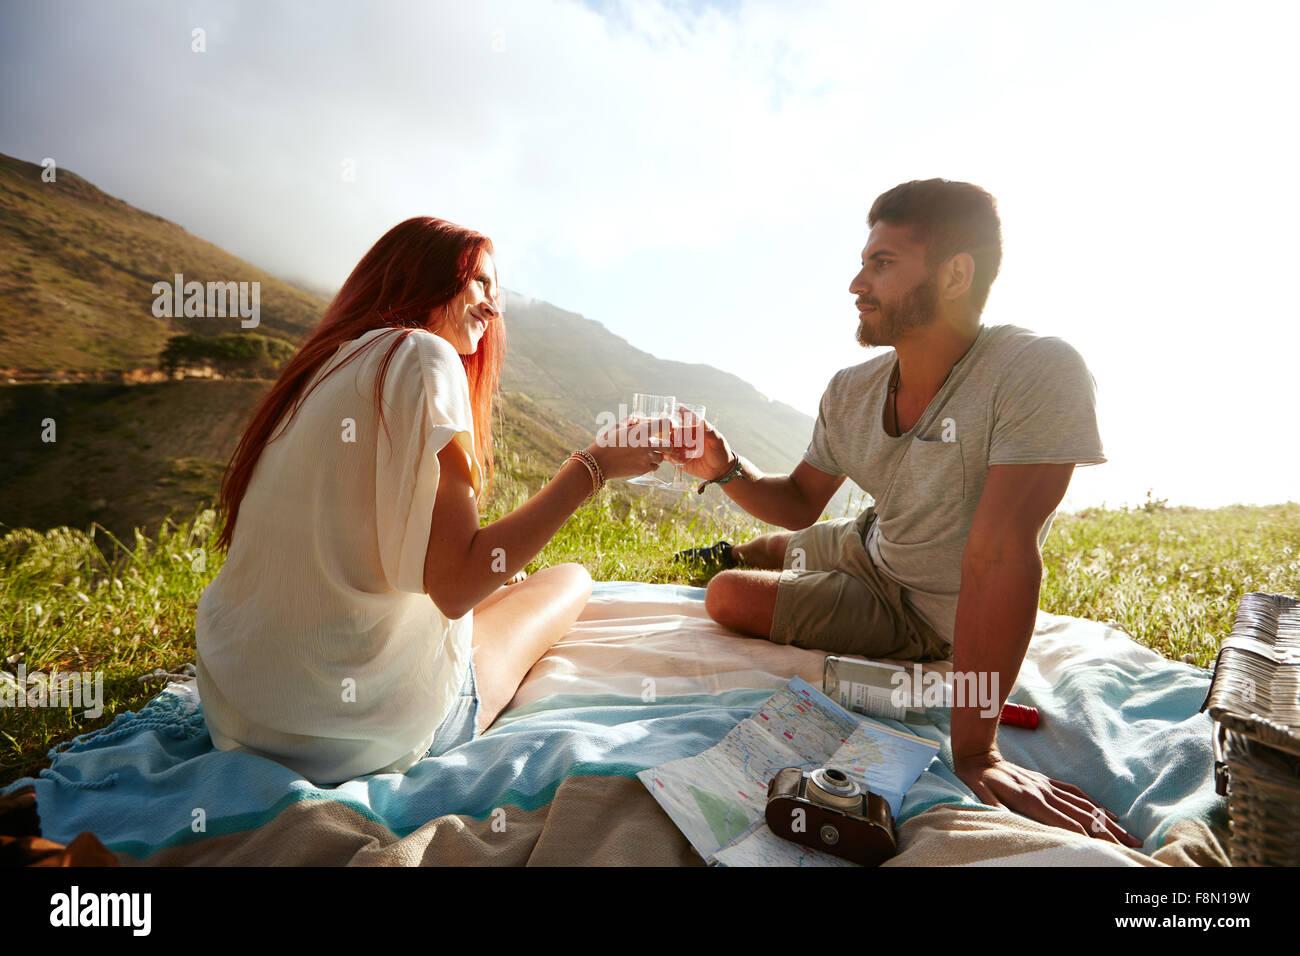 Love couple assis sur l'herbe et boire du vin au cours d'un pique-nique. Man and woman on des vacances d'été. Photo Stock